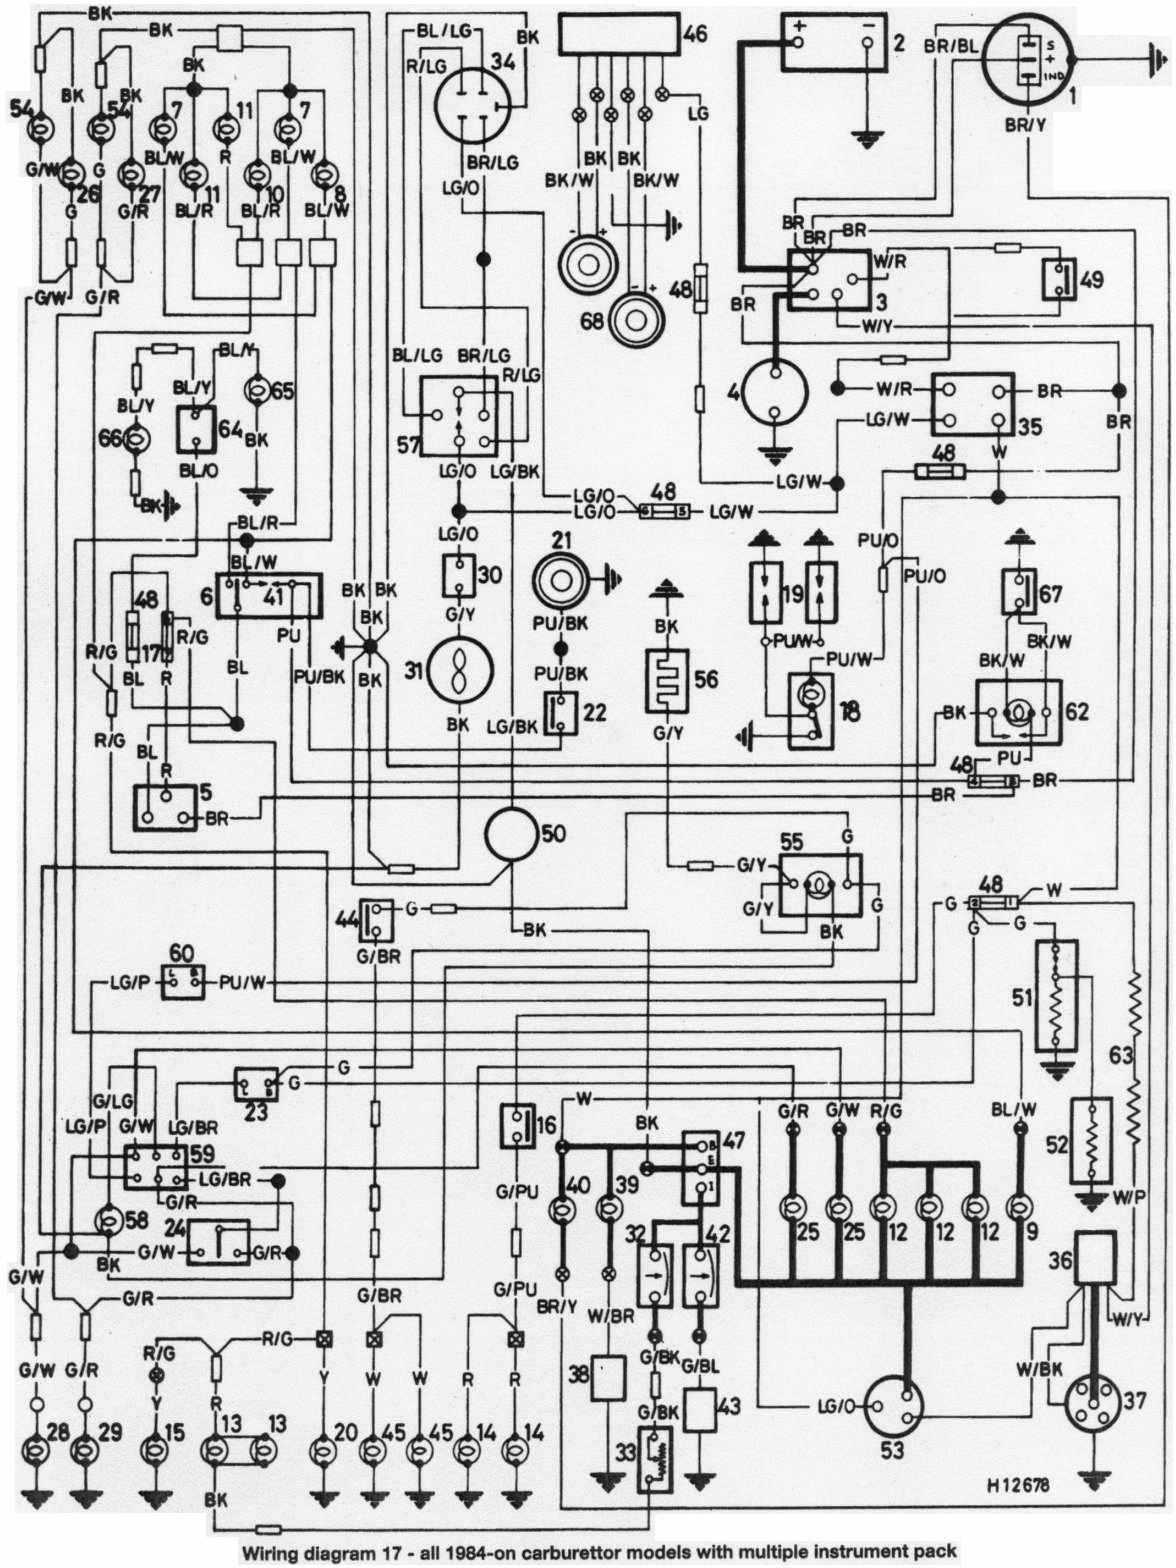 wrg 2570] winnebago wiring diagrams89 winnebago wiring diagrams